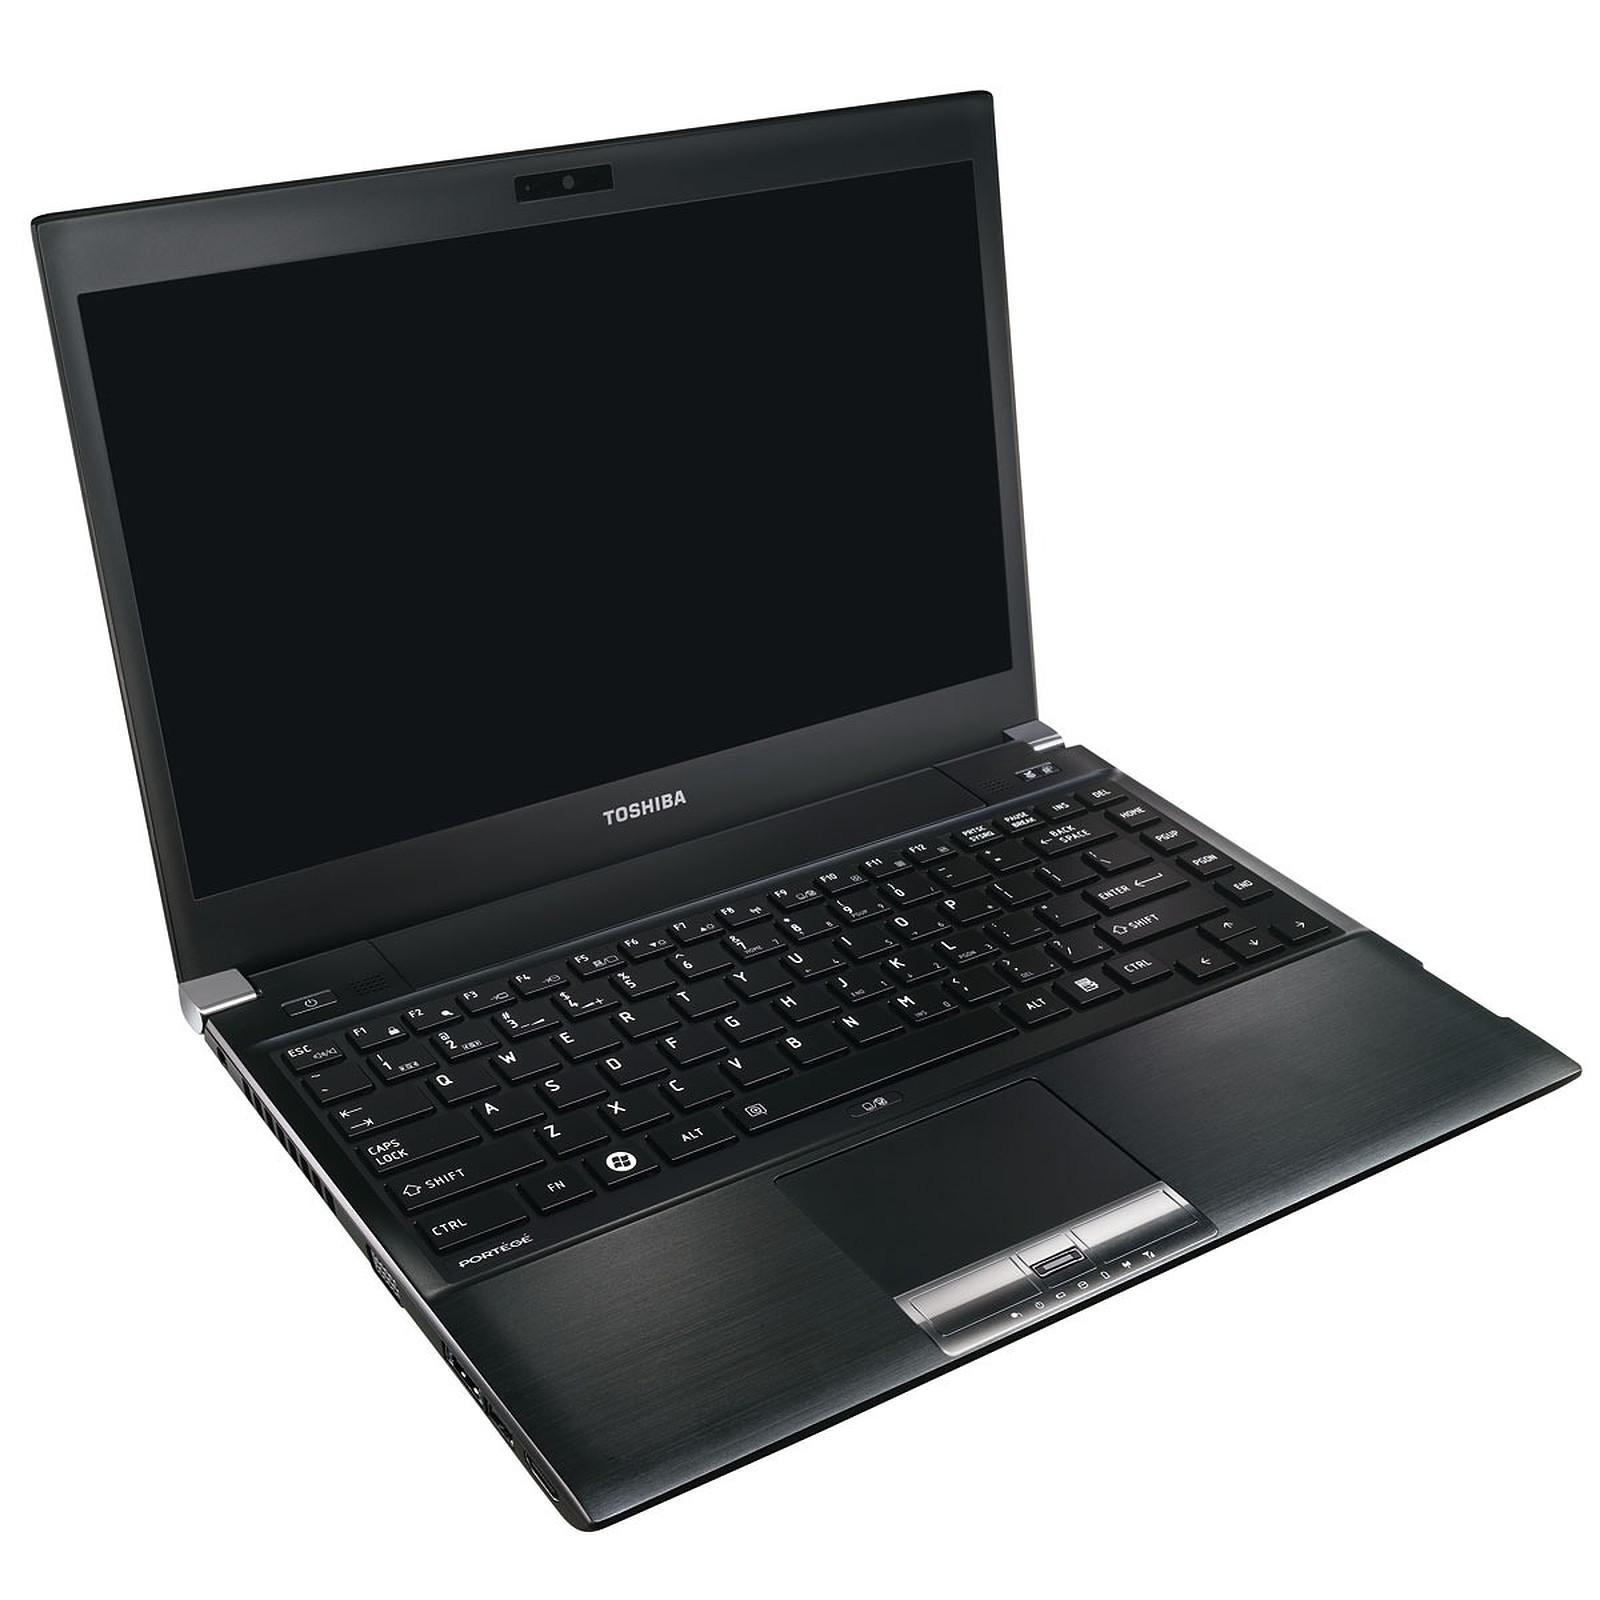 Toshiba Portégé R700-131